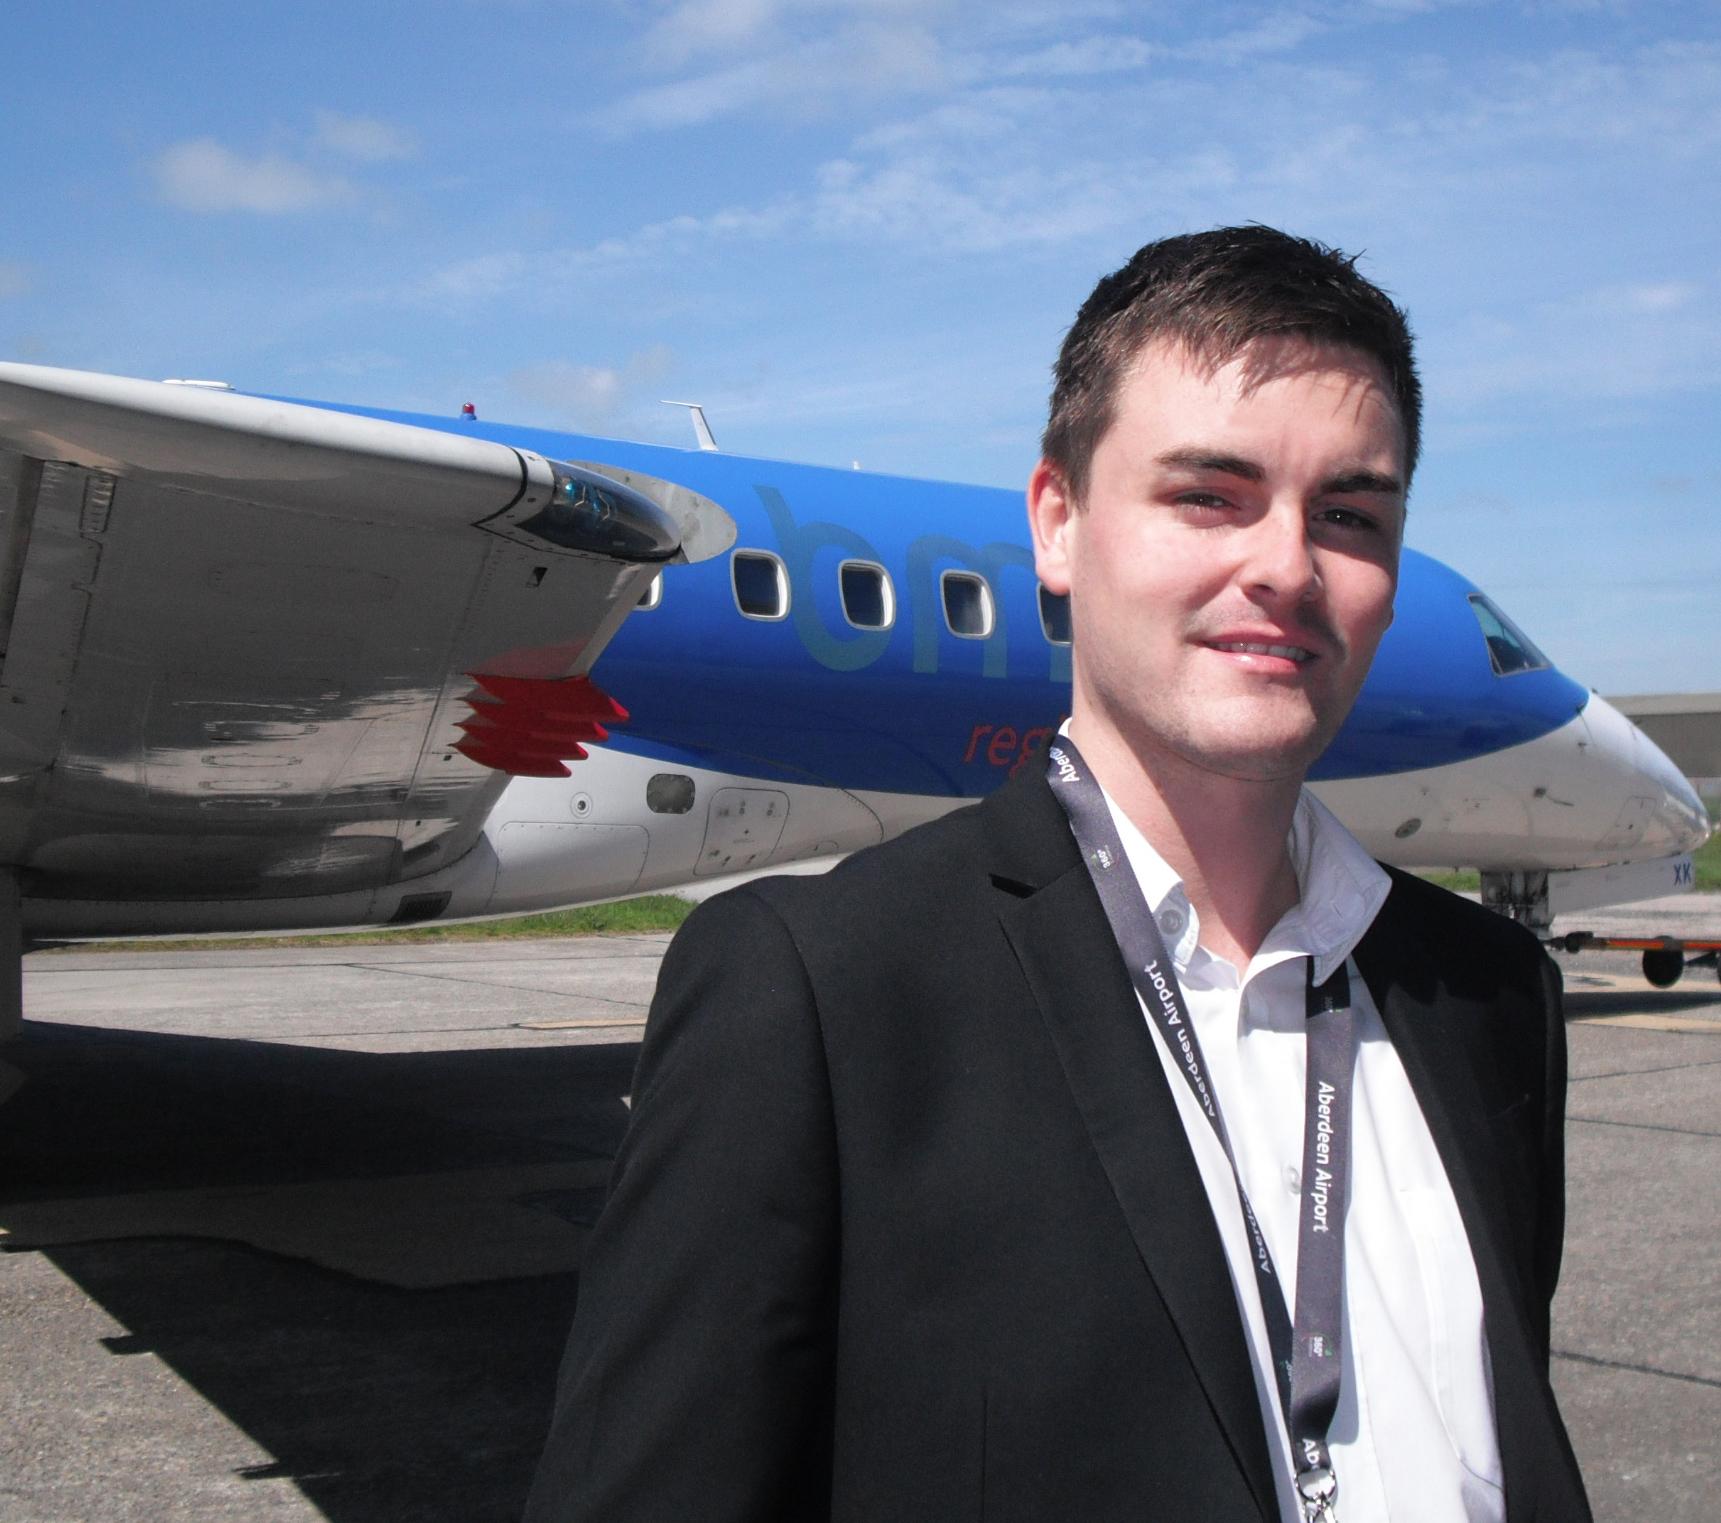 Jason-Stewart-Aberdeen-International-Airport